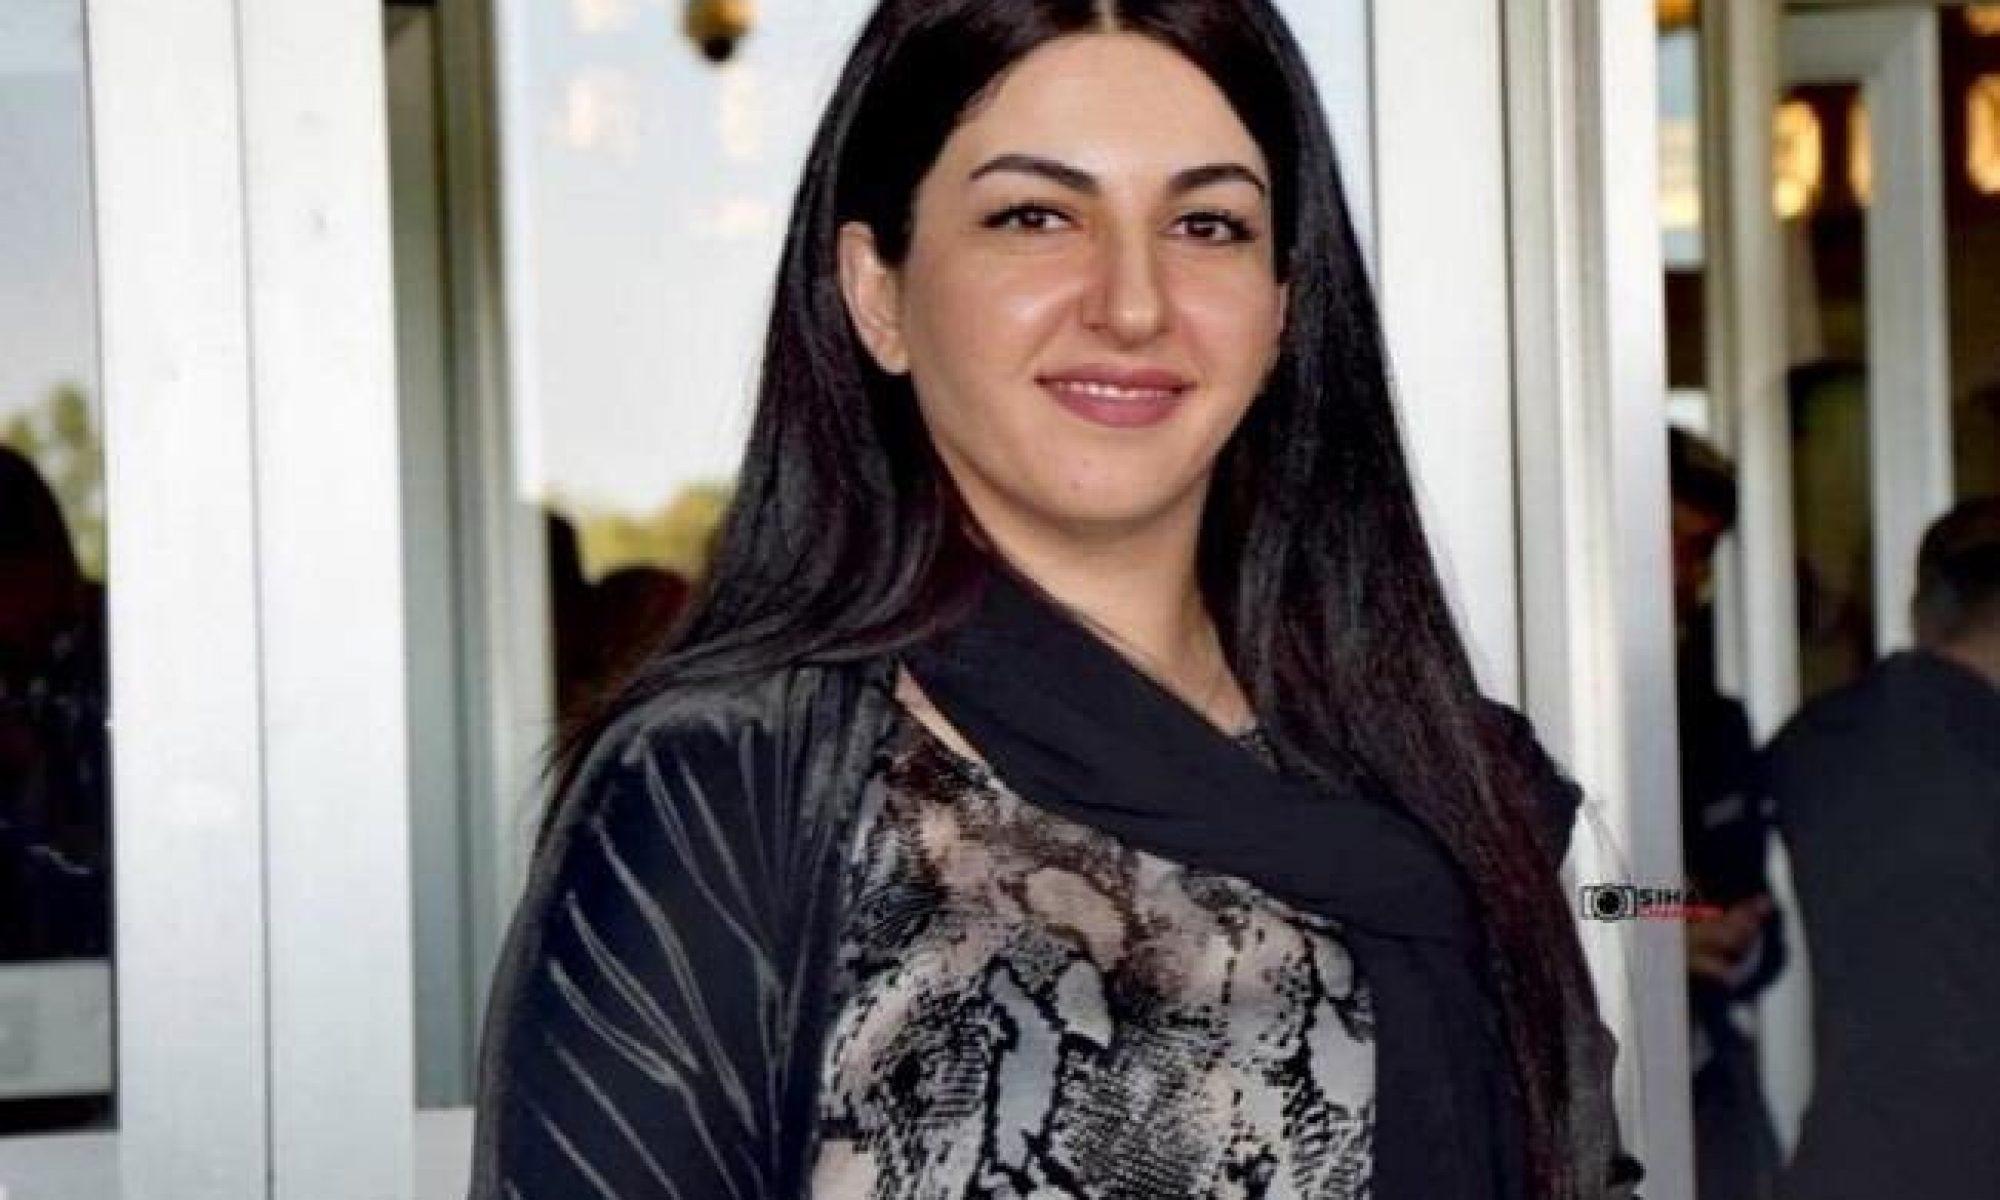 Rojbeyanî: Şengal Anlaşması, Kerkük ve diğer Kürt bölgeleri için referans olacak